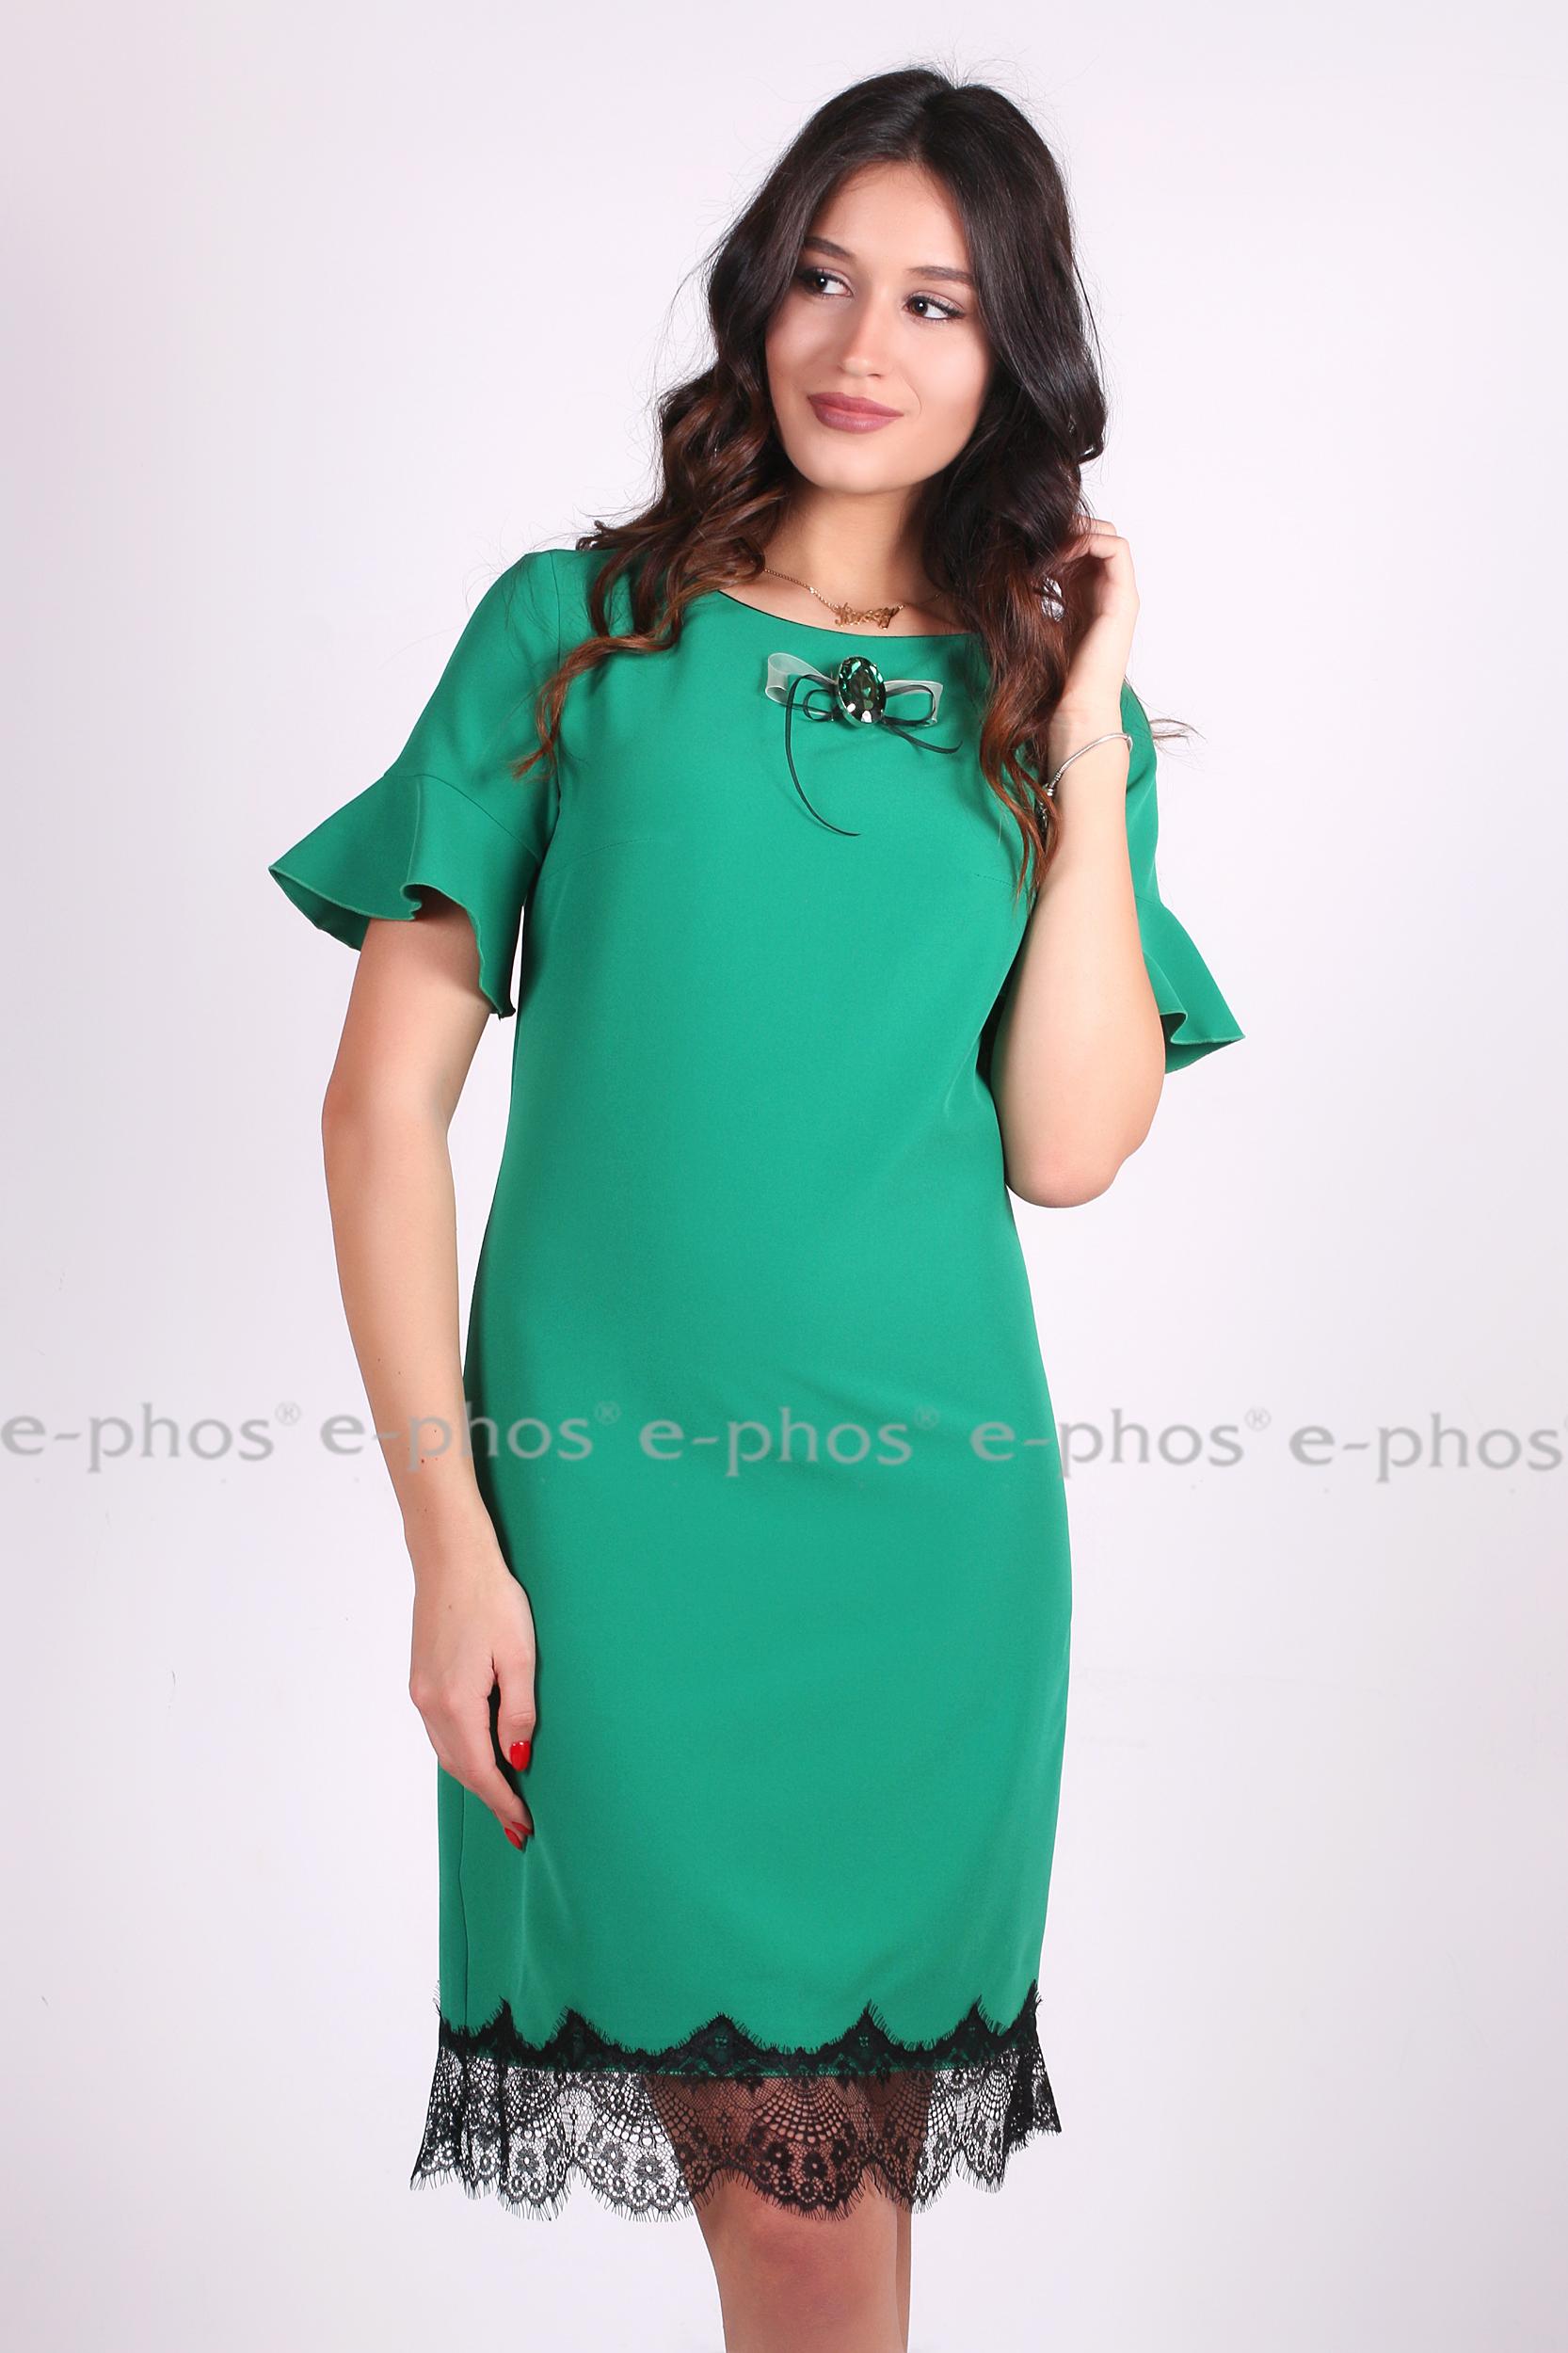 f1d66b5e1de Елегантна дамска рокля в зелено с красива брошка - Ephos България ...